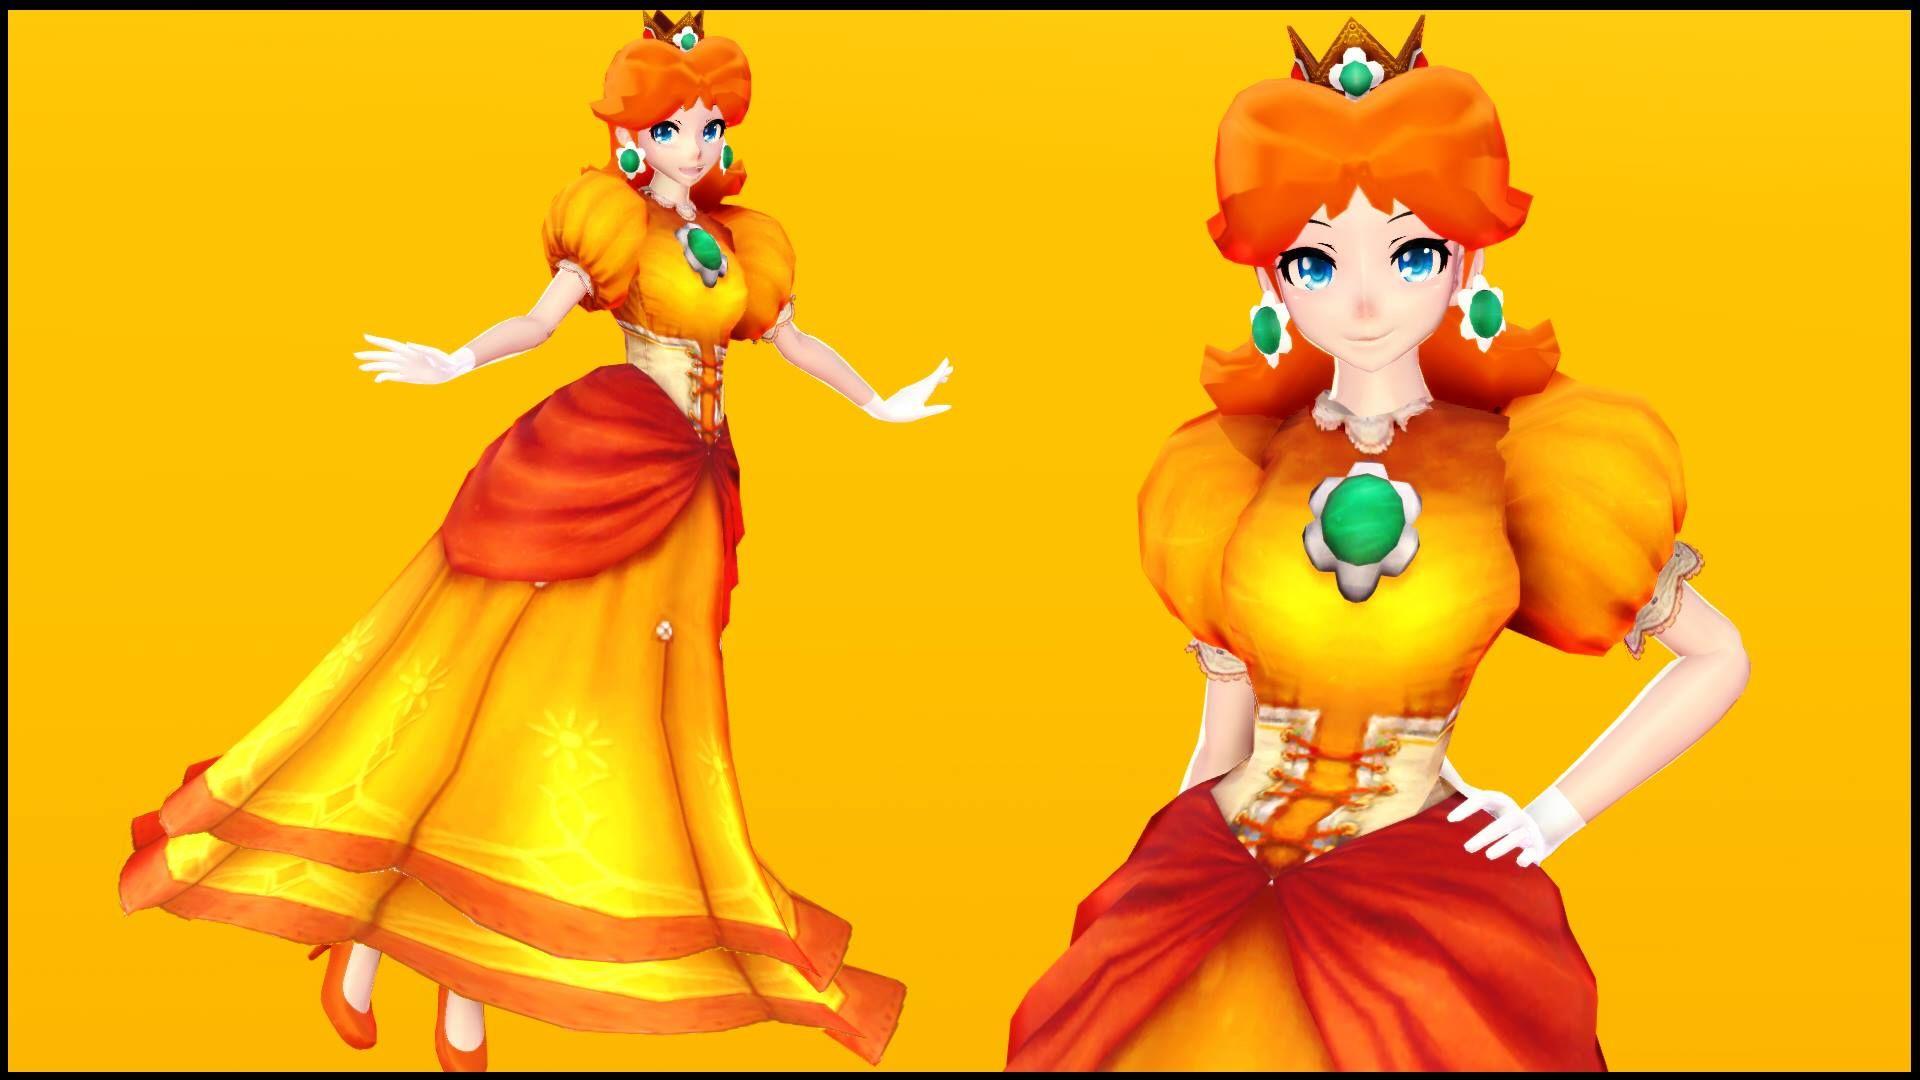 Super princess Daisy